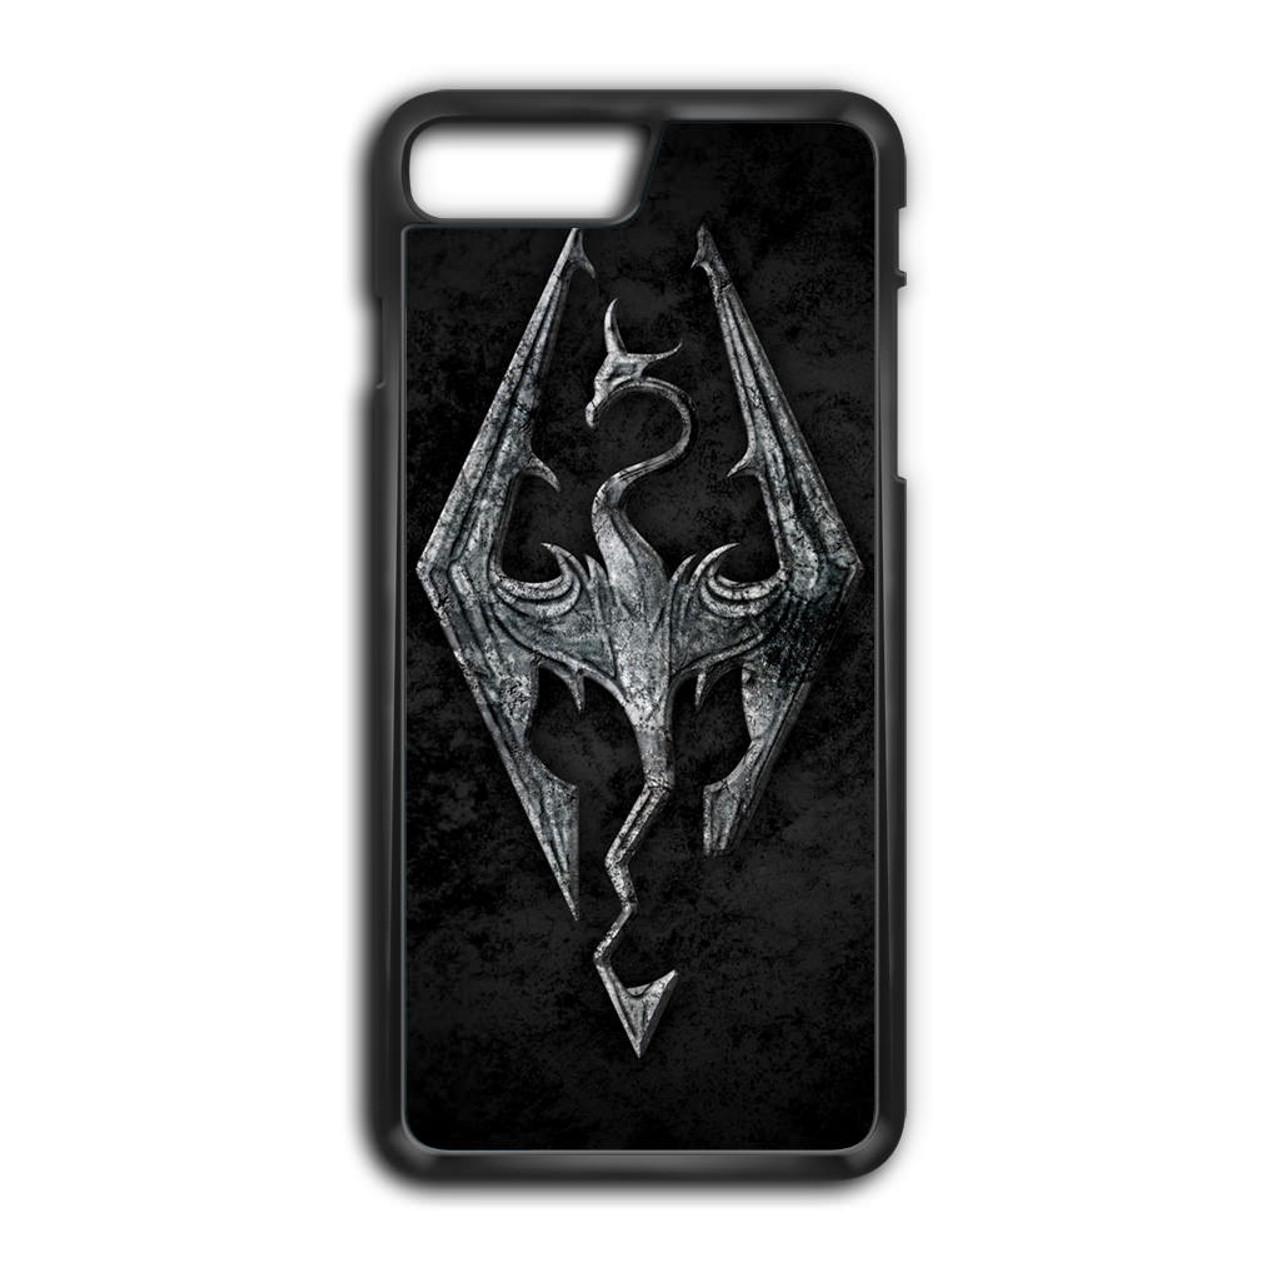 skyrim phone case iphone 7